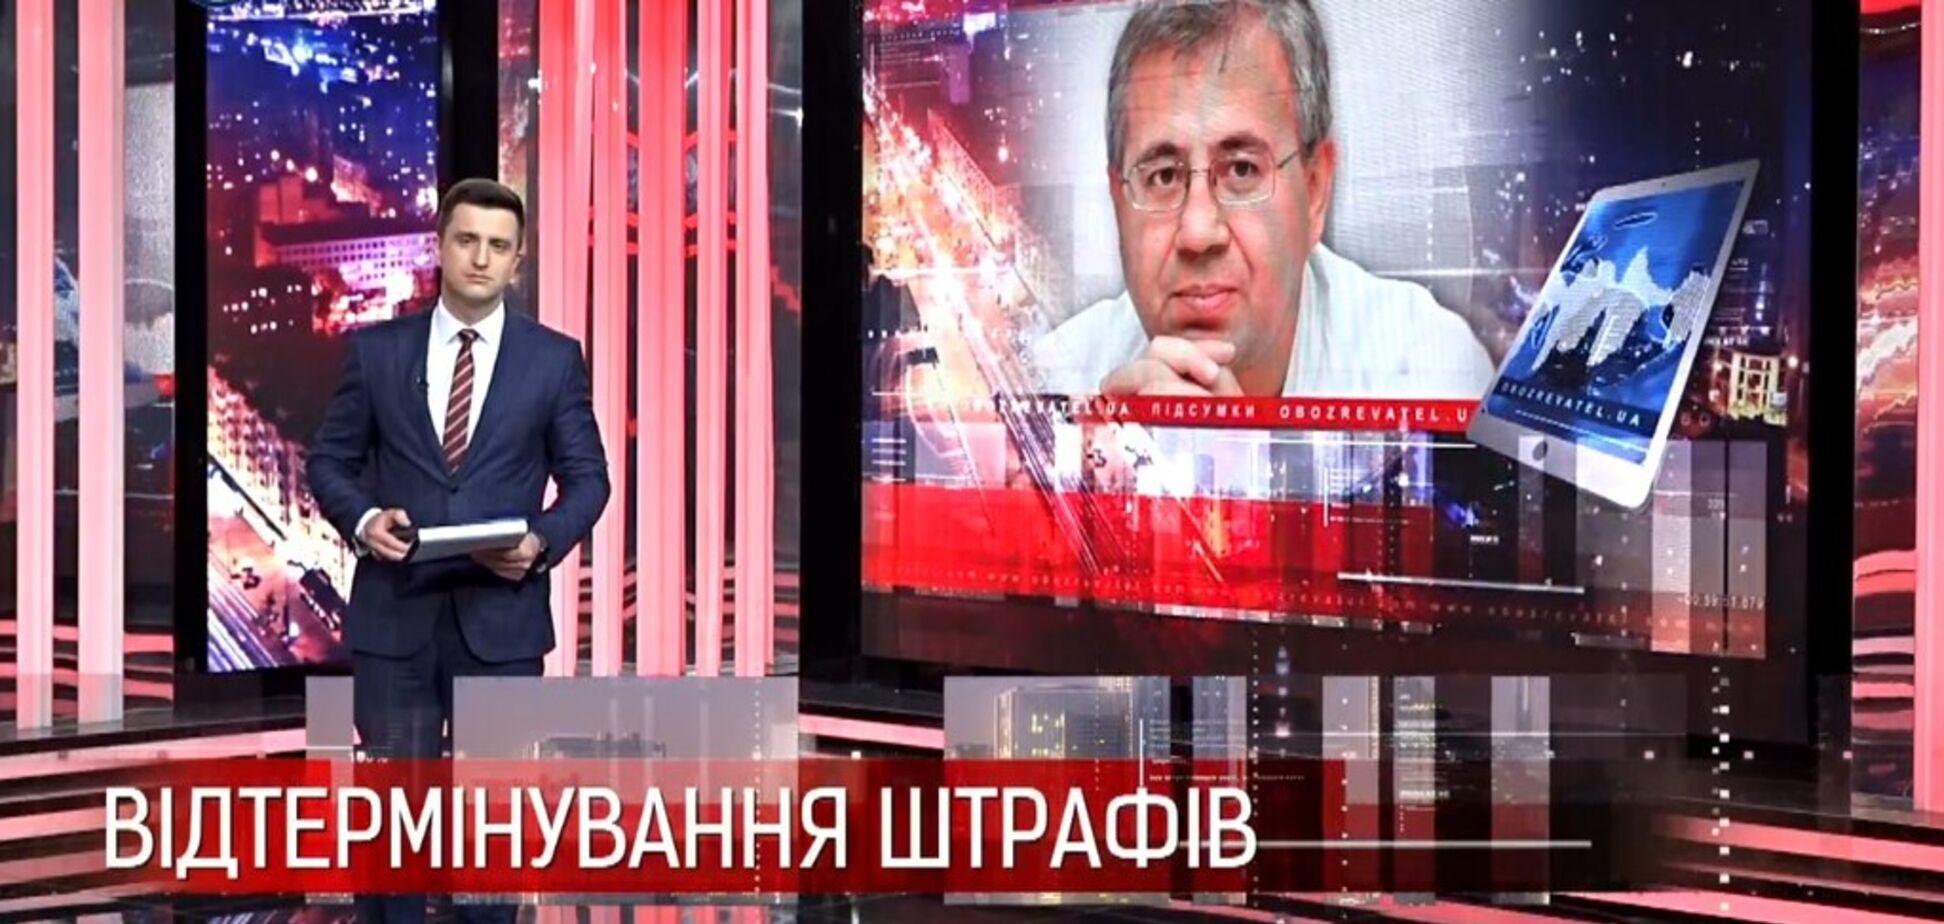 '22 августа зайцы выйдут из своих норок – а тут охотники': Олег Назаренко предупредил 'евробляхеров'